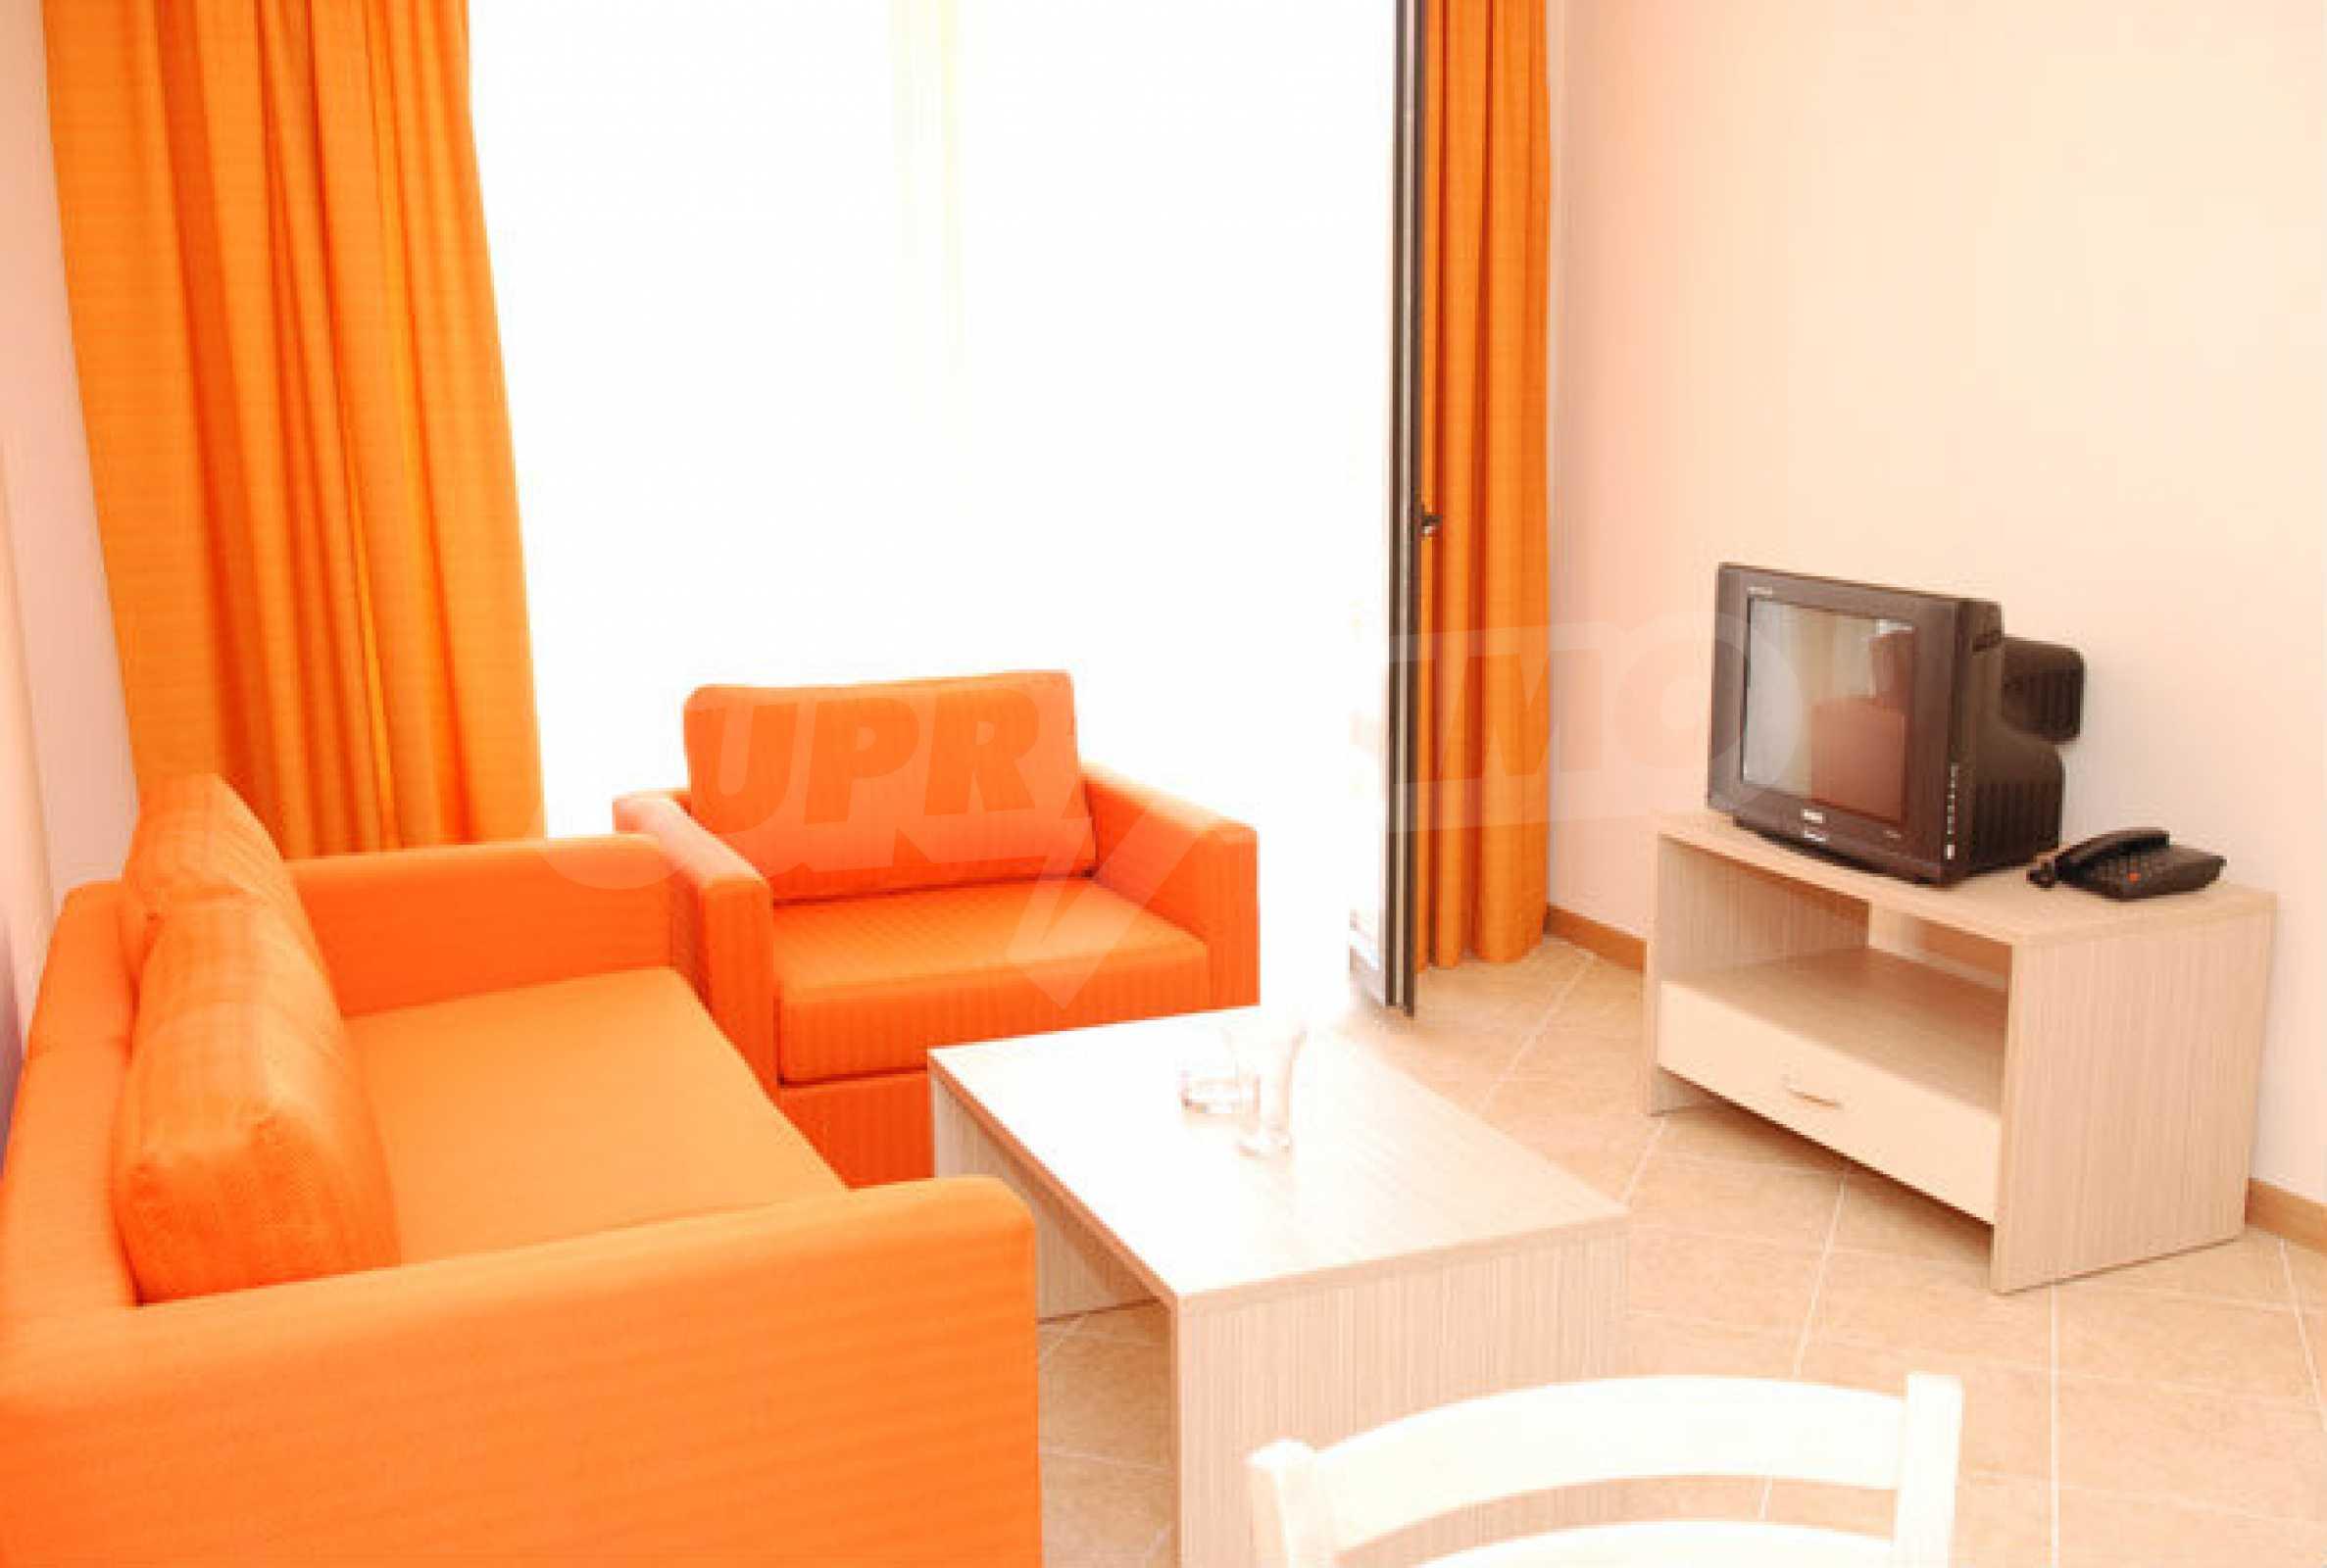 Apartment mit 2 Schlafzimmern im Royal Sun-Komplex in Sonnenstrand 8